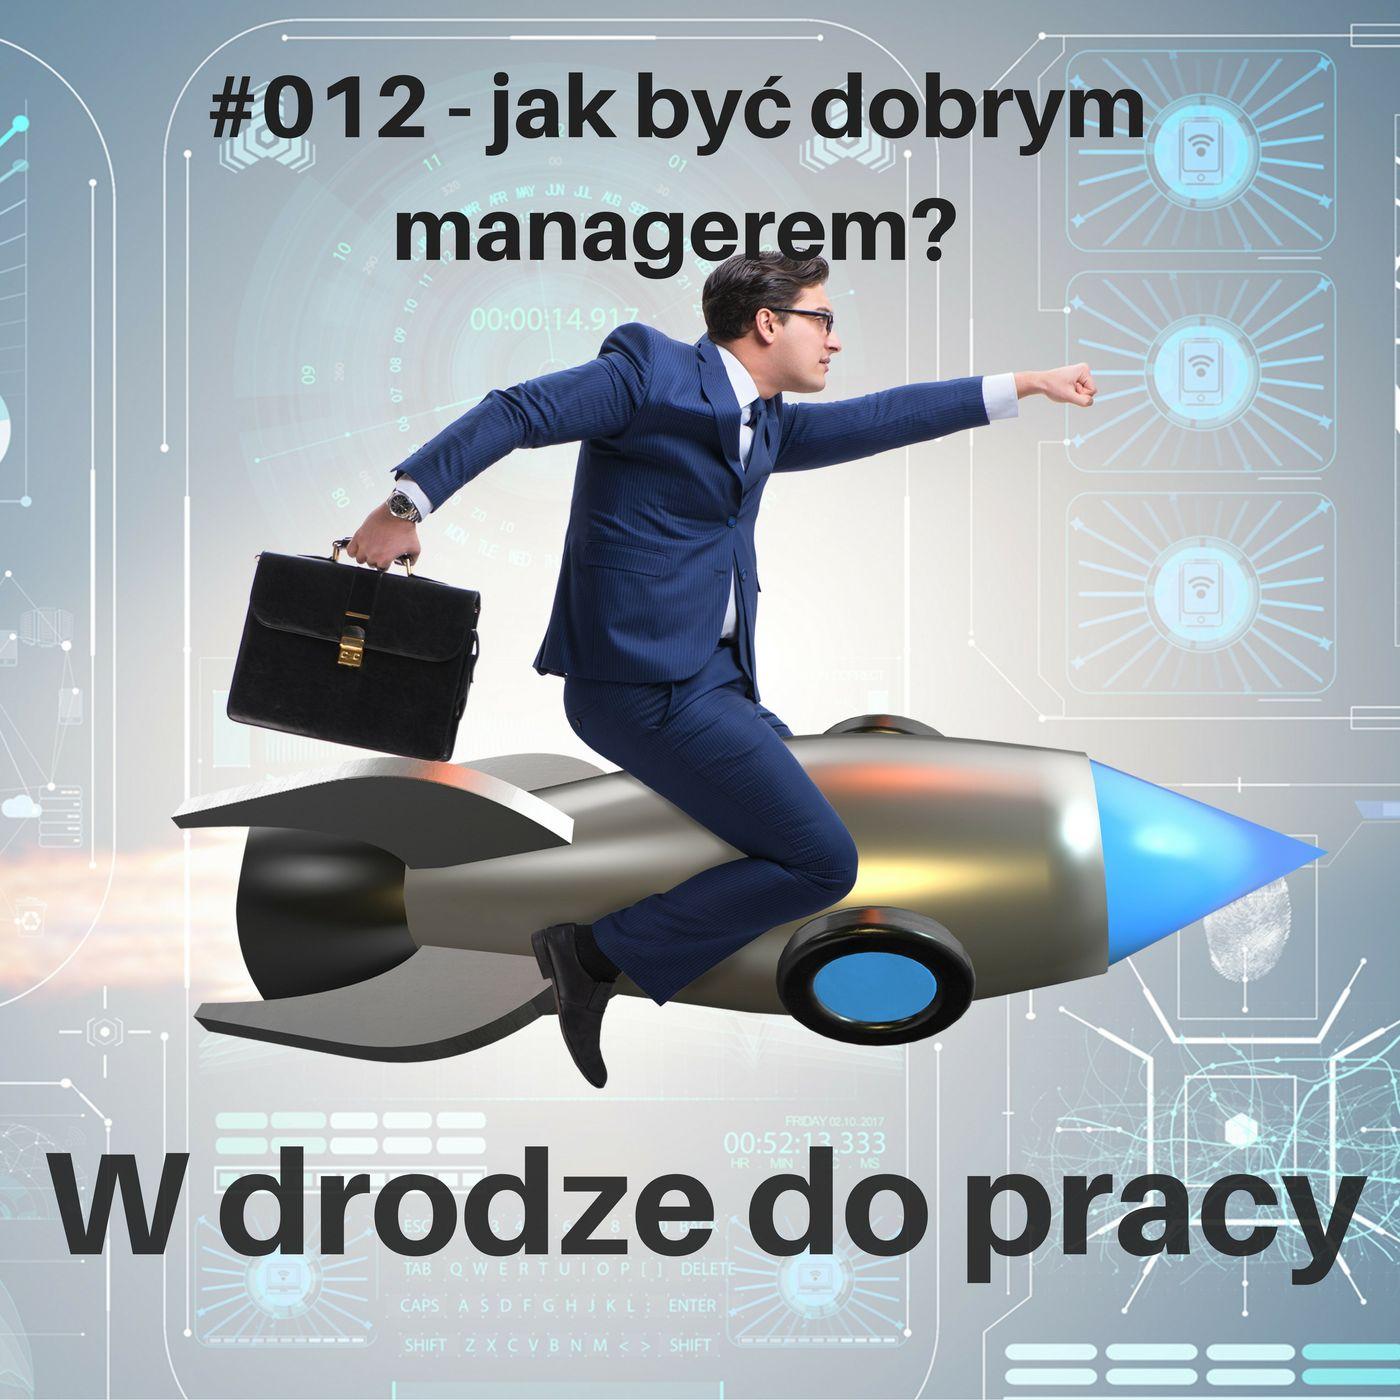 #012 - co robić, żeby być dobrym managerem, a czego zdecydowanie nie robić?